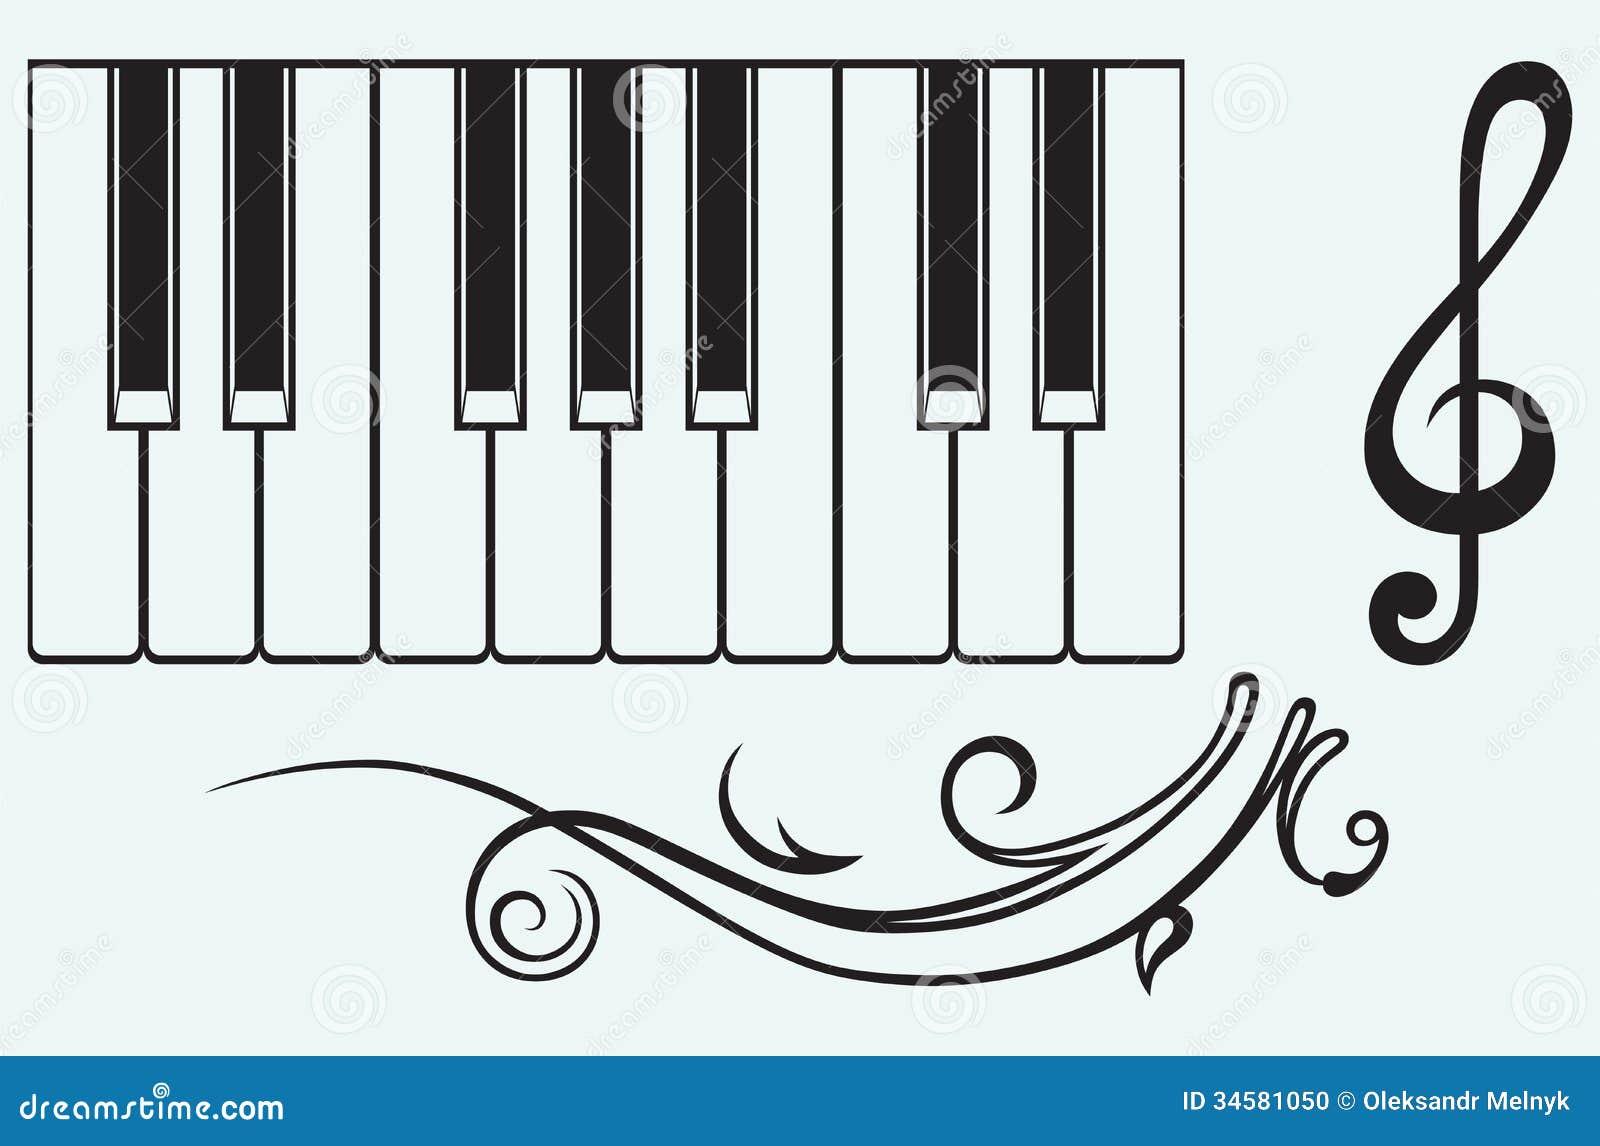 Рояль и дискантовый ключ